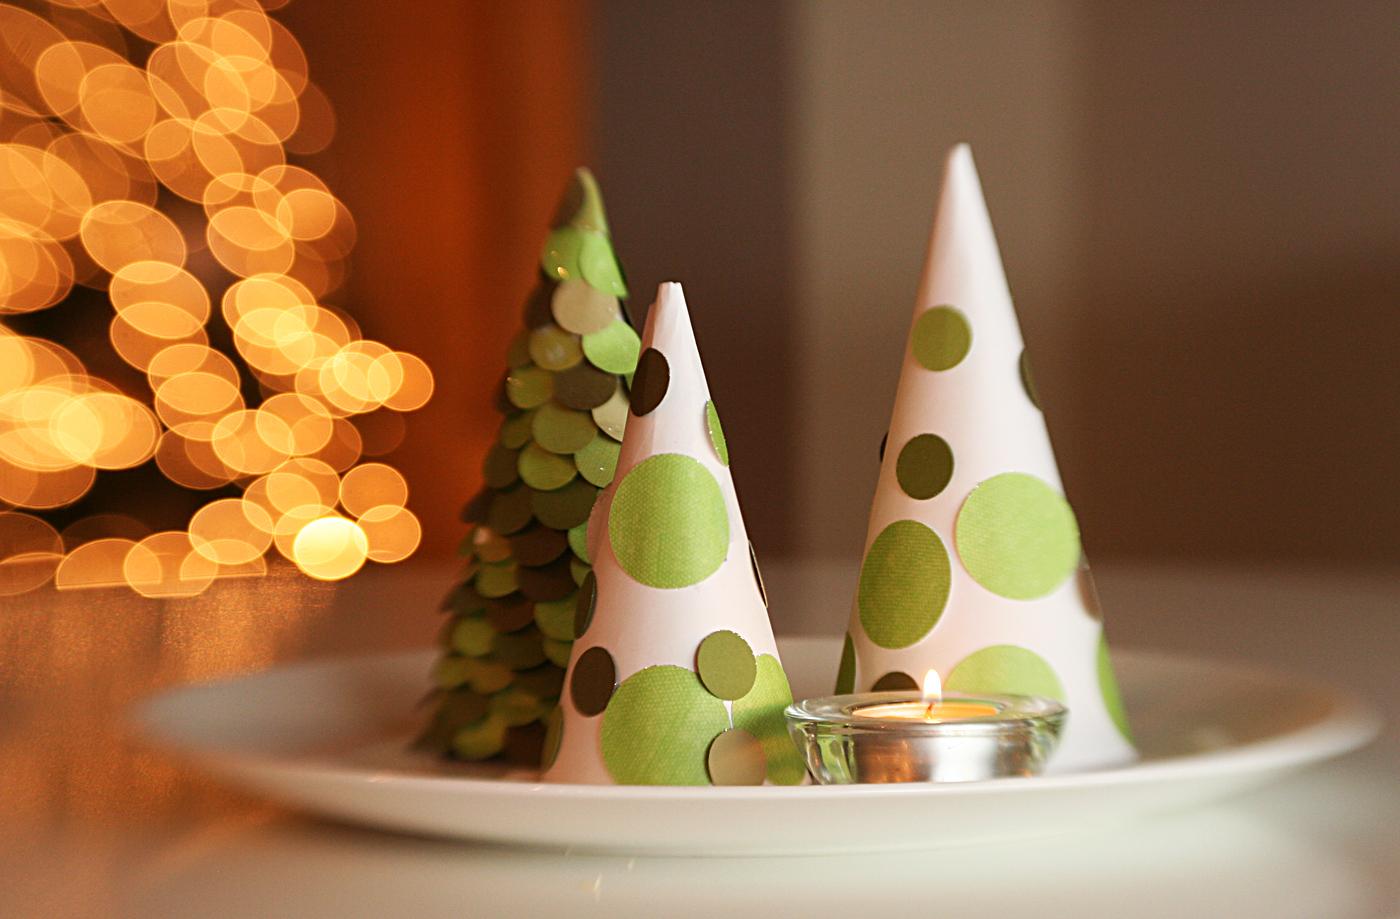 【手作り】クリスマスツリーに挑戦!まねしたくなる素敵なアイデア40選!のサムネイル画像